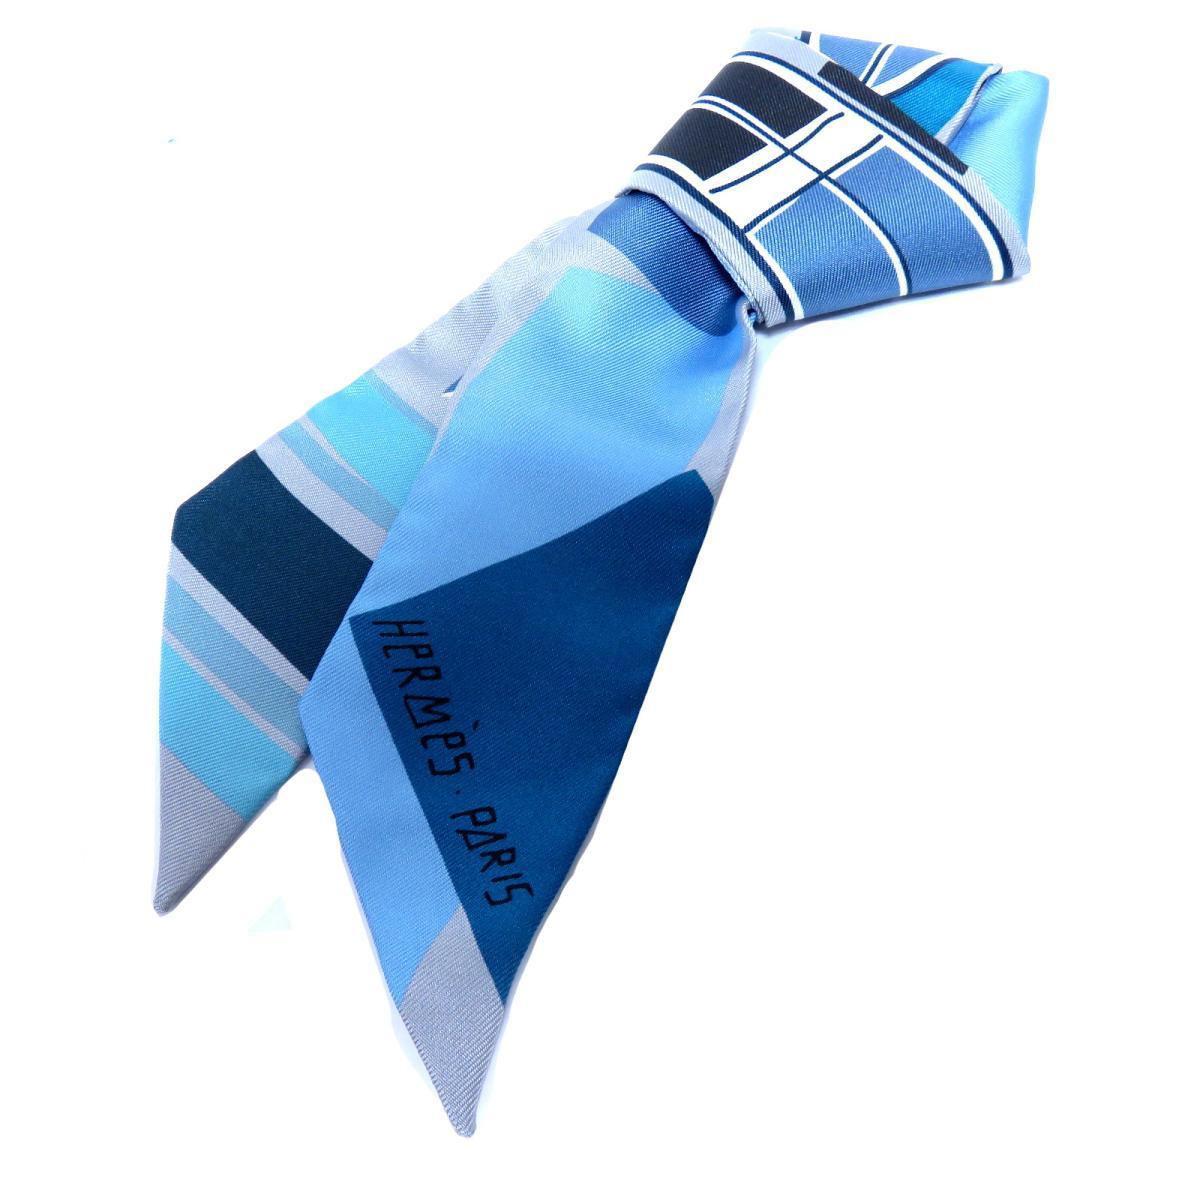 エルメス トゥイリー スカーフ レディース シルク GRIS / CIEL / COBA | HERMES スカーフ ツイリー 新品 ブランドオフ